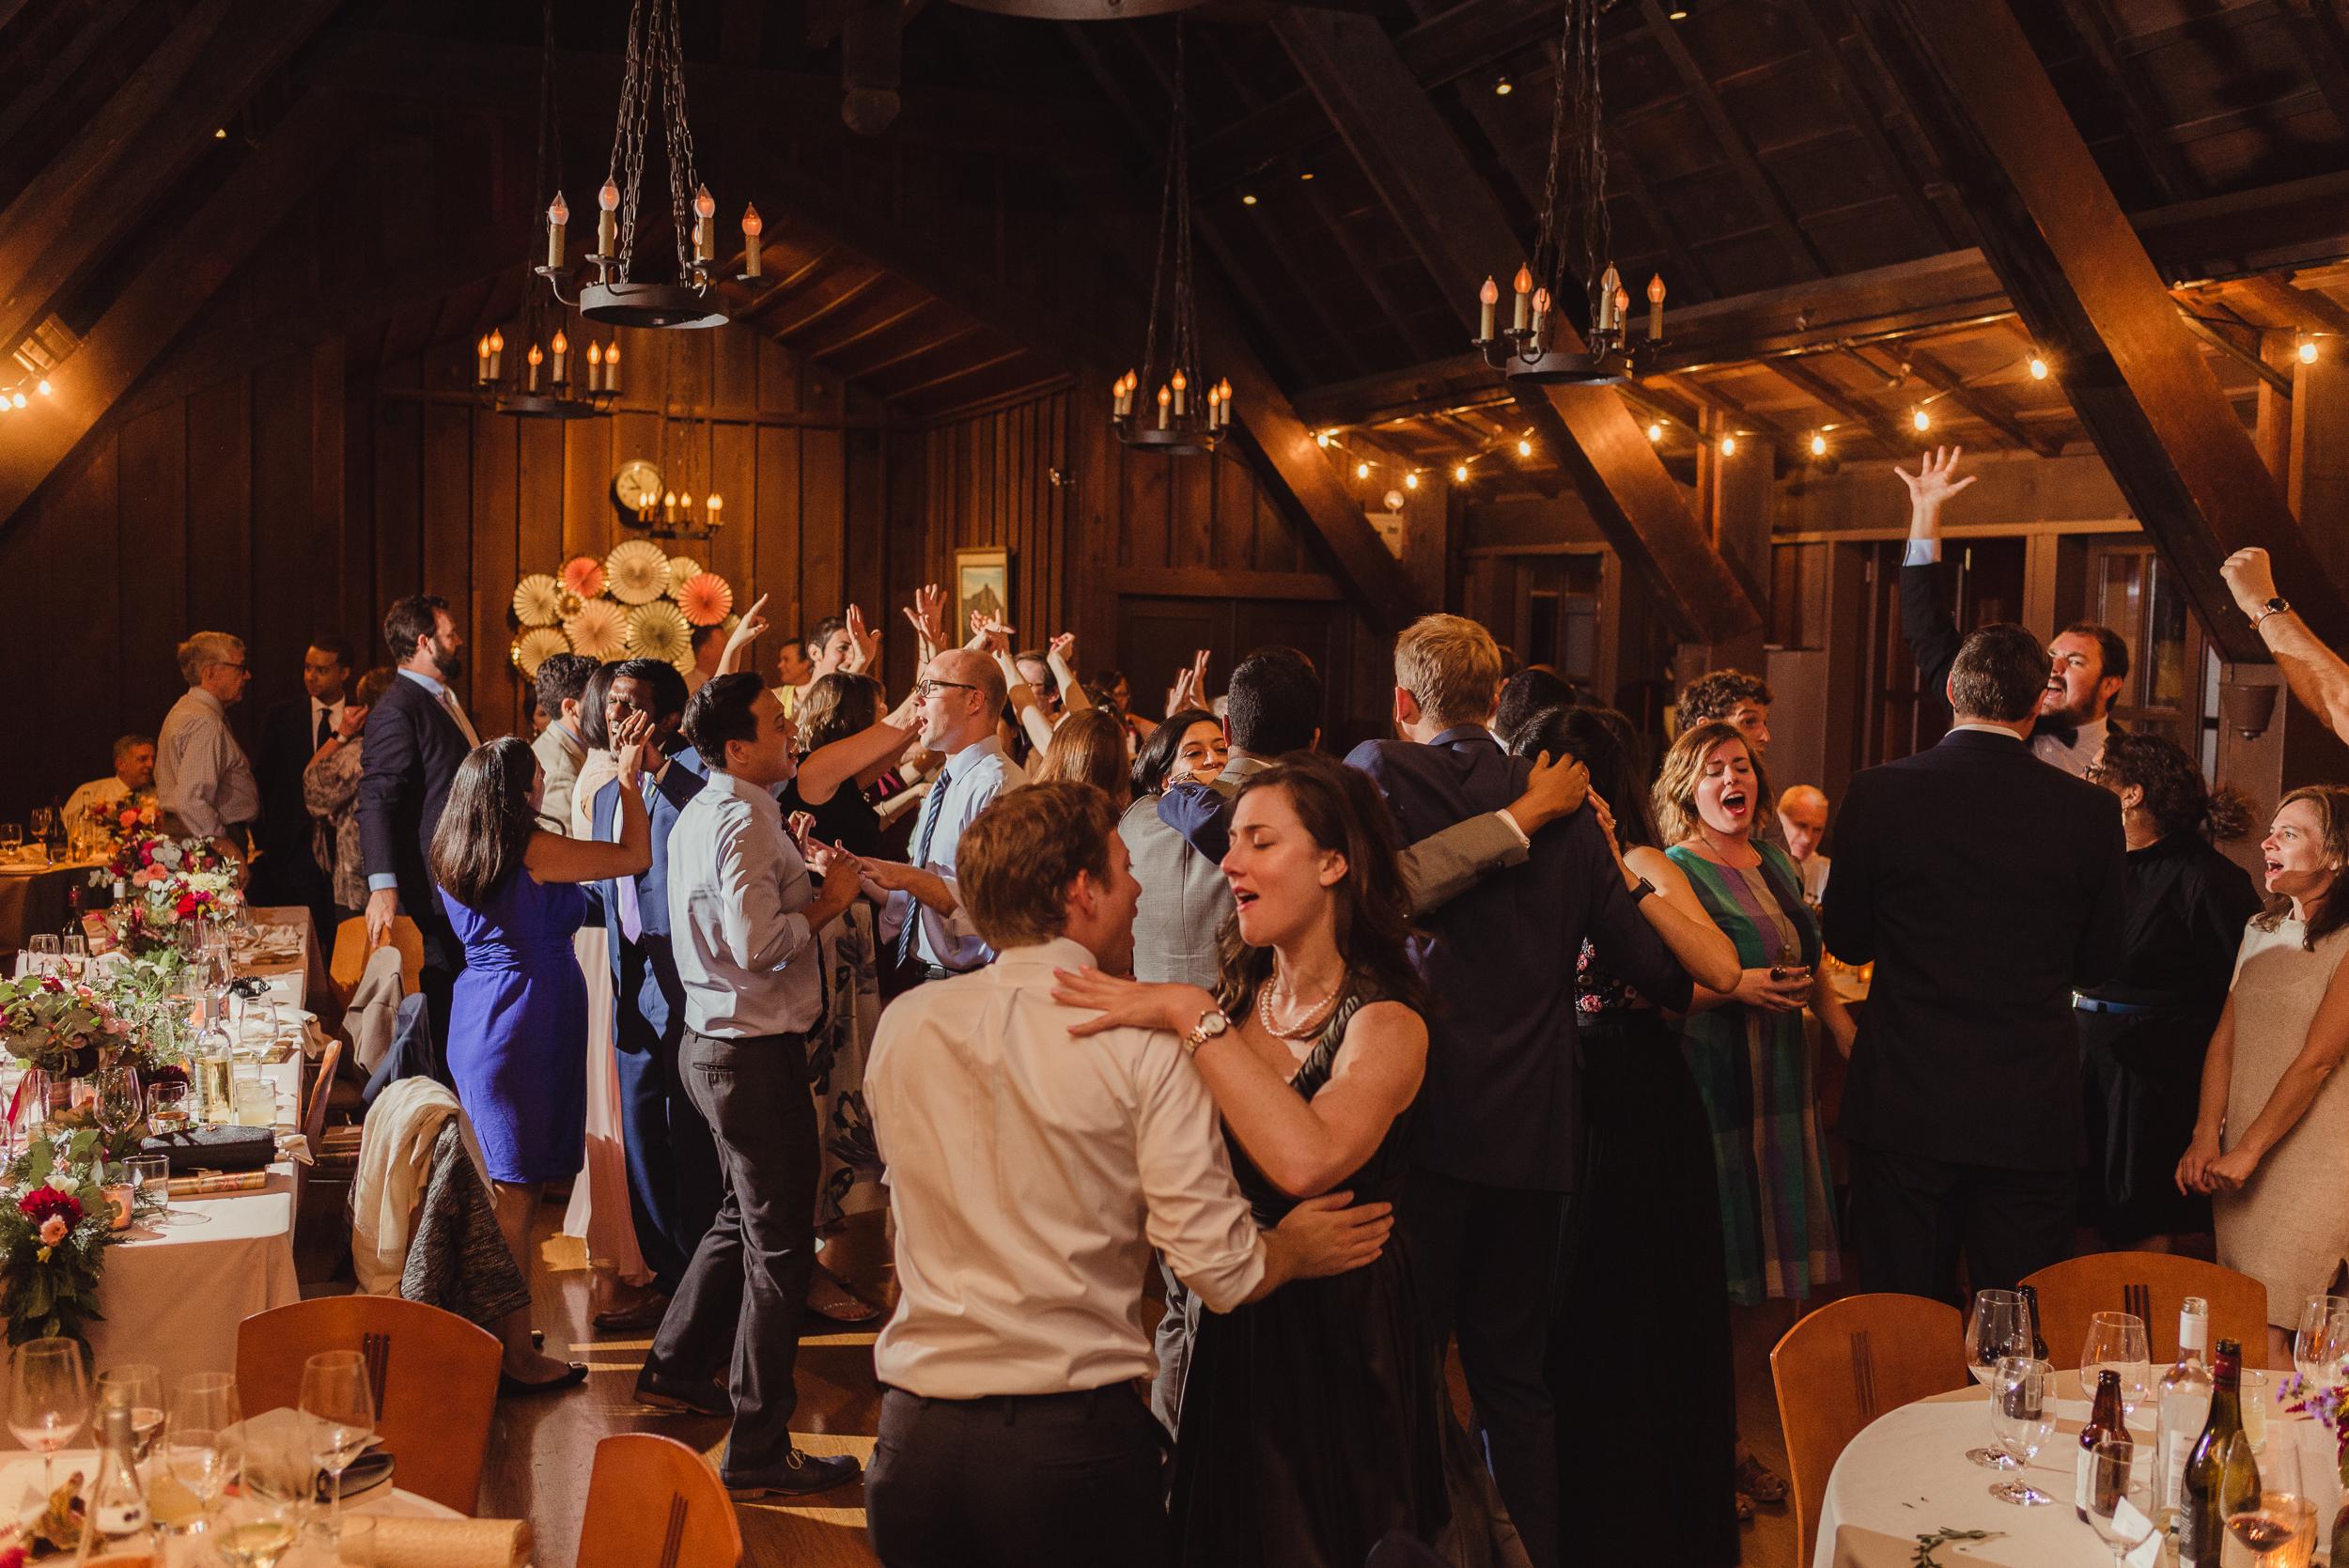 83-outdoor-art-club-wedding-vivianchen-721.jpg